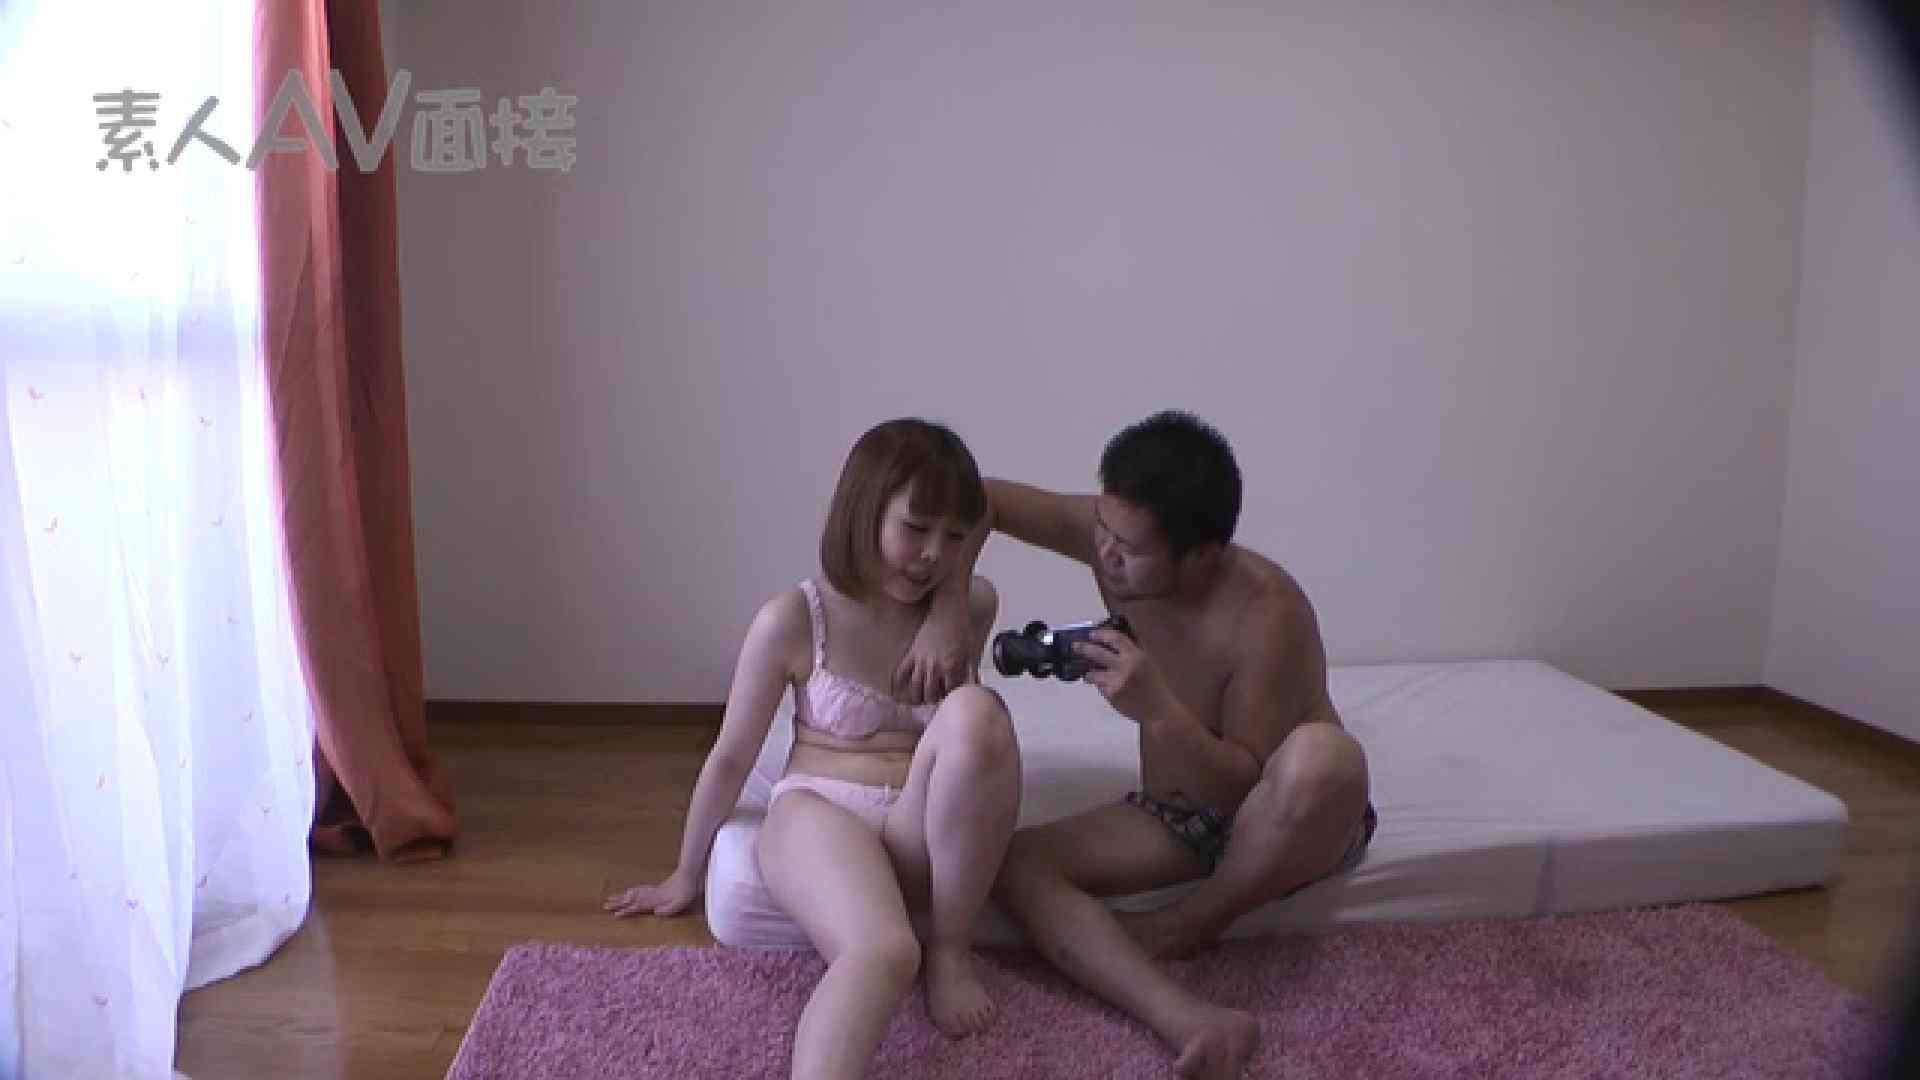 素人嬢がAV面接にやって来た。 仮名ようこVol.3 素人 ワレメ無修正動画無料 104pic 18